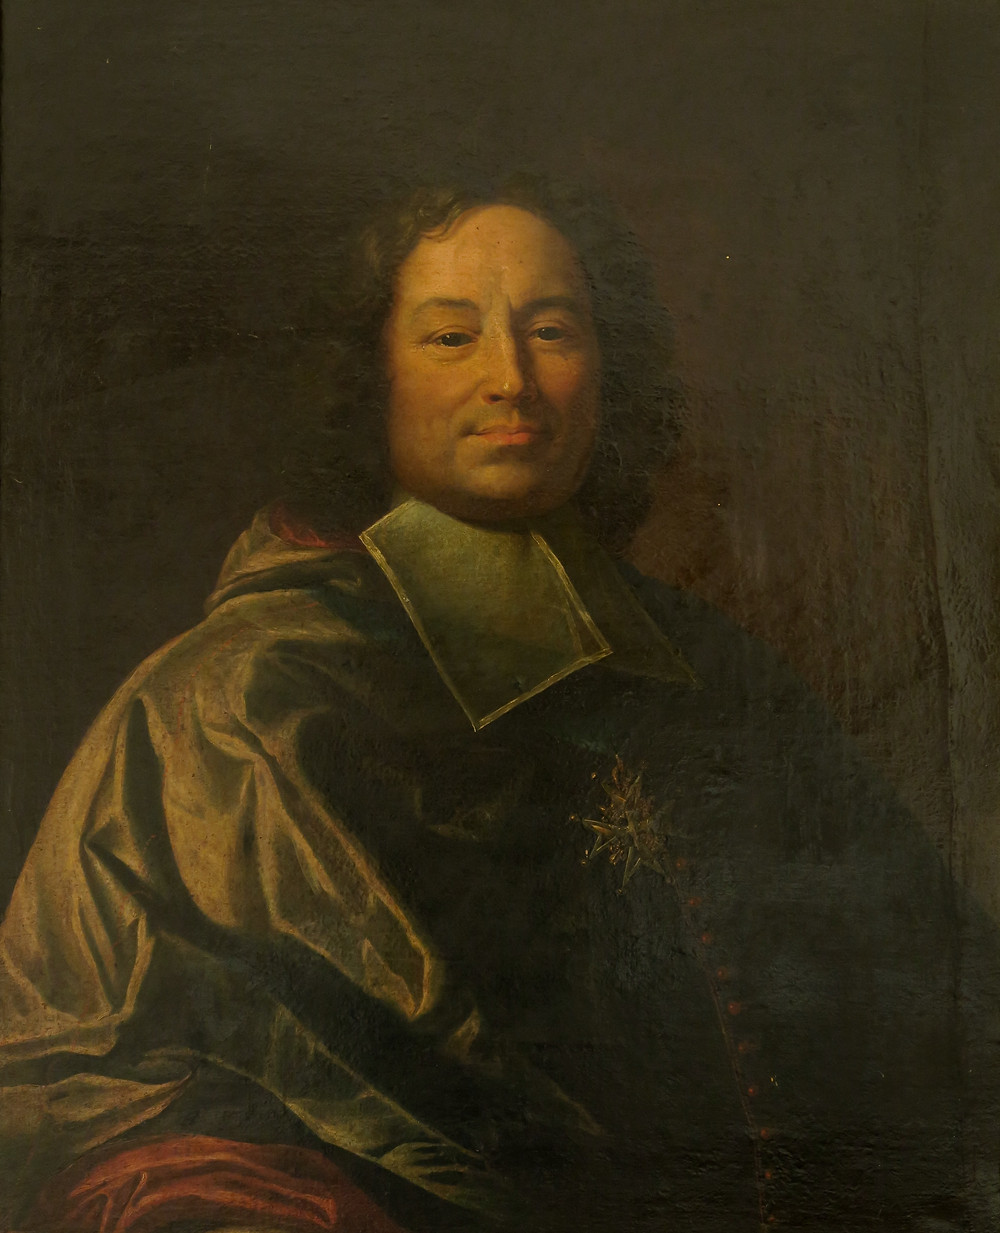 Anonyme d'après Hyacinthe Rigaud, Portrait de René François Beauvau du Rivau, archevêque de Toulouse, après 1715, collection particulière